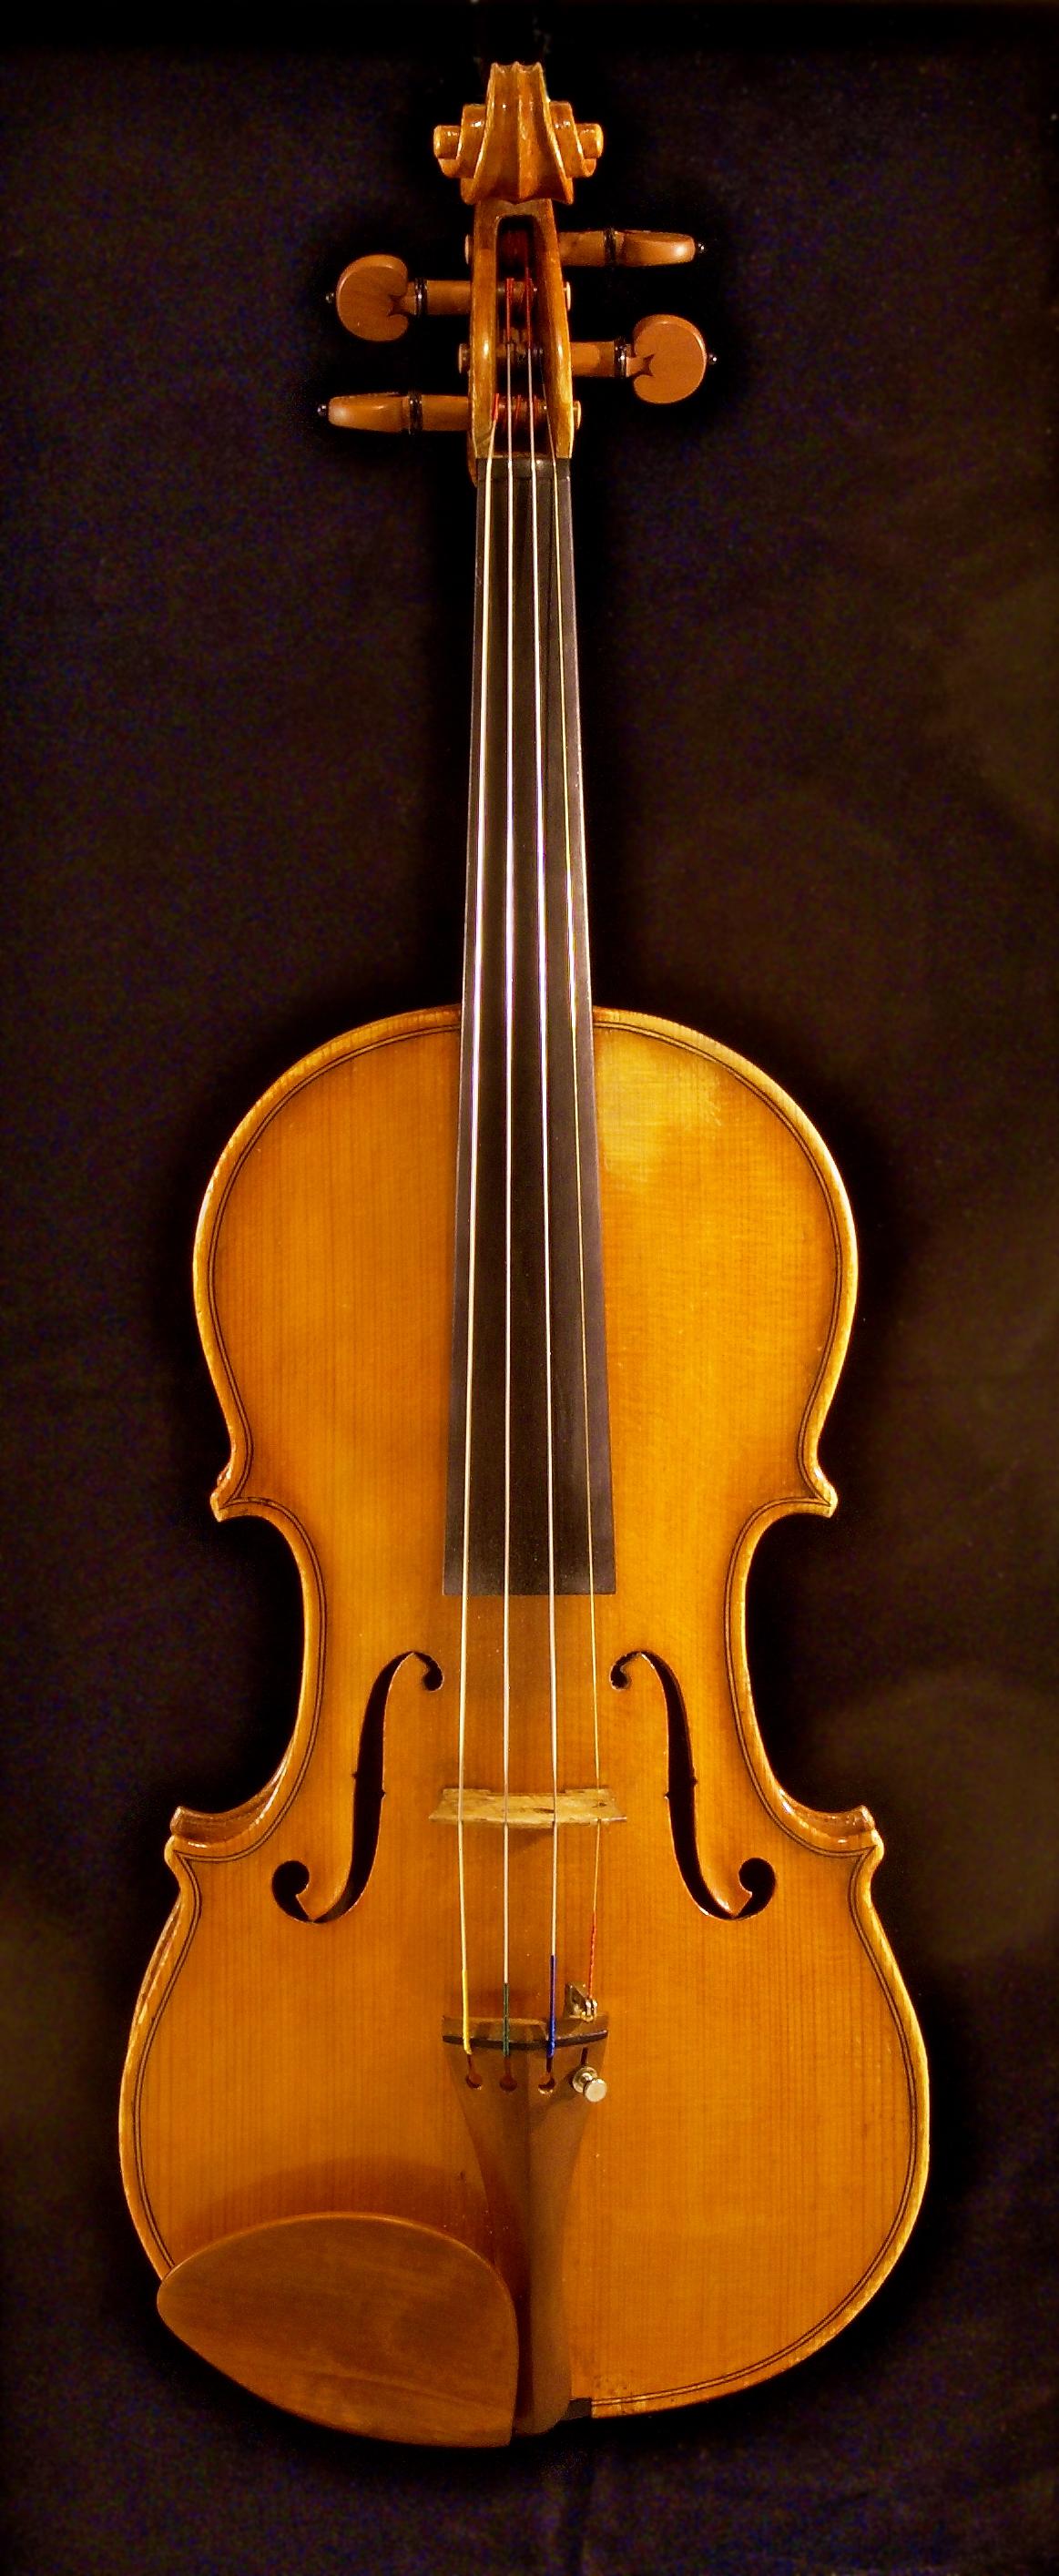 Immagini Di Violino